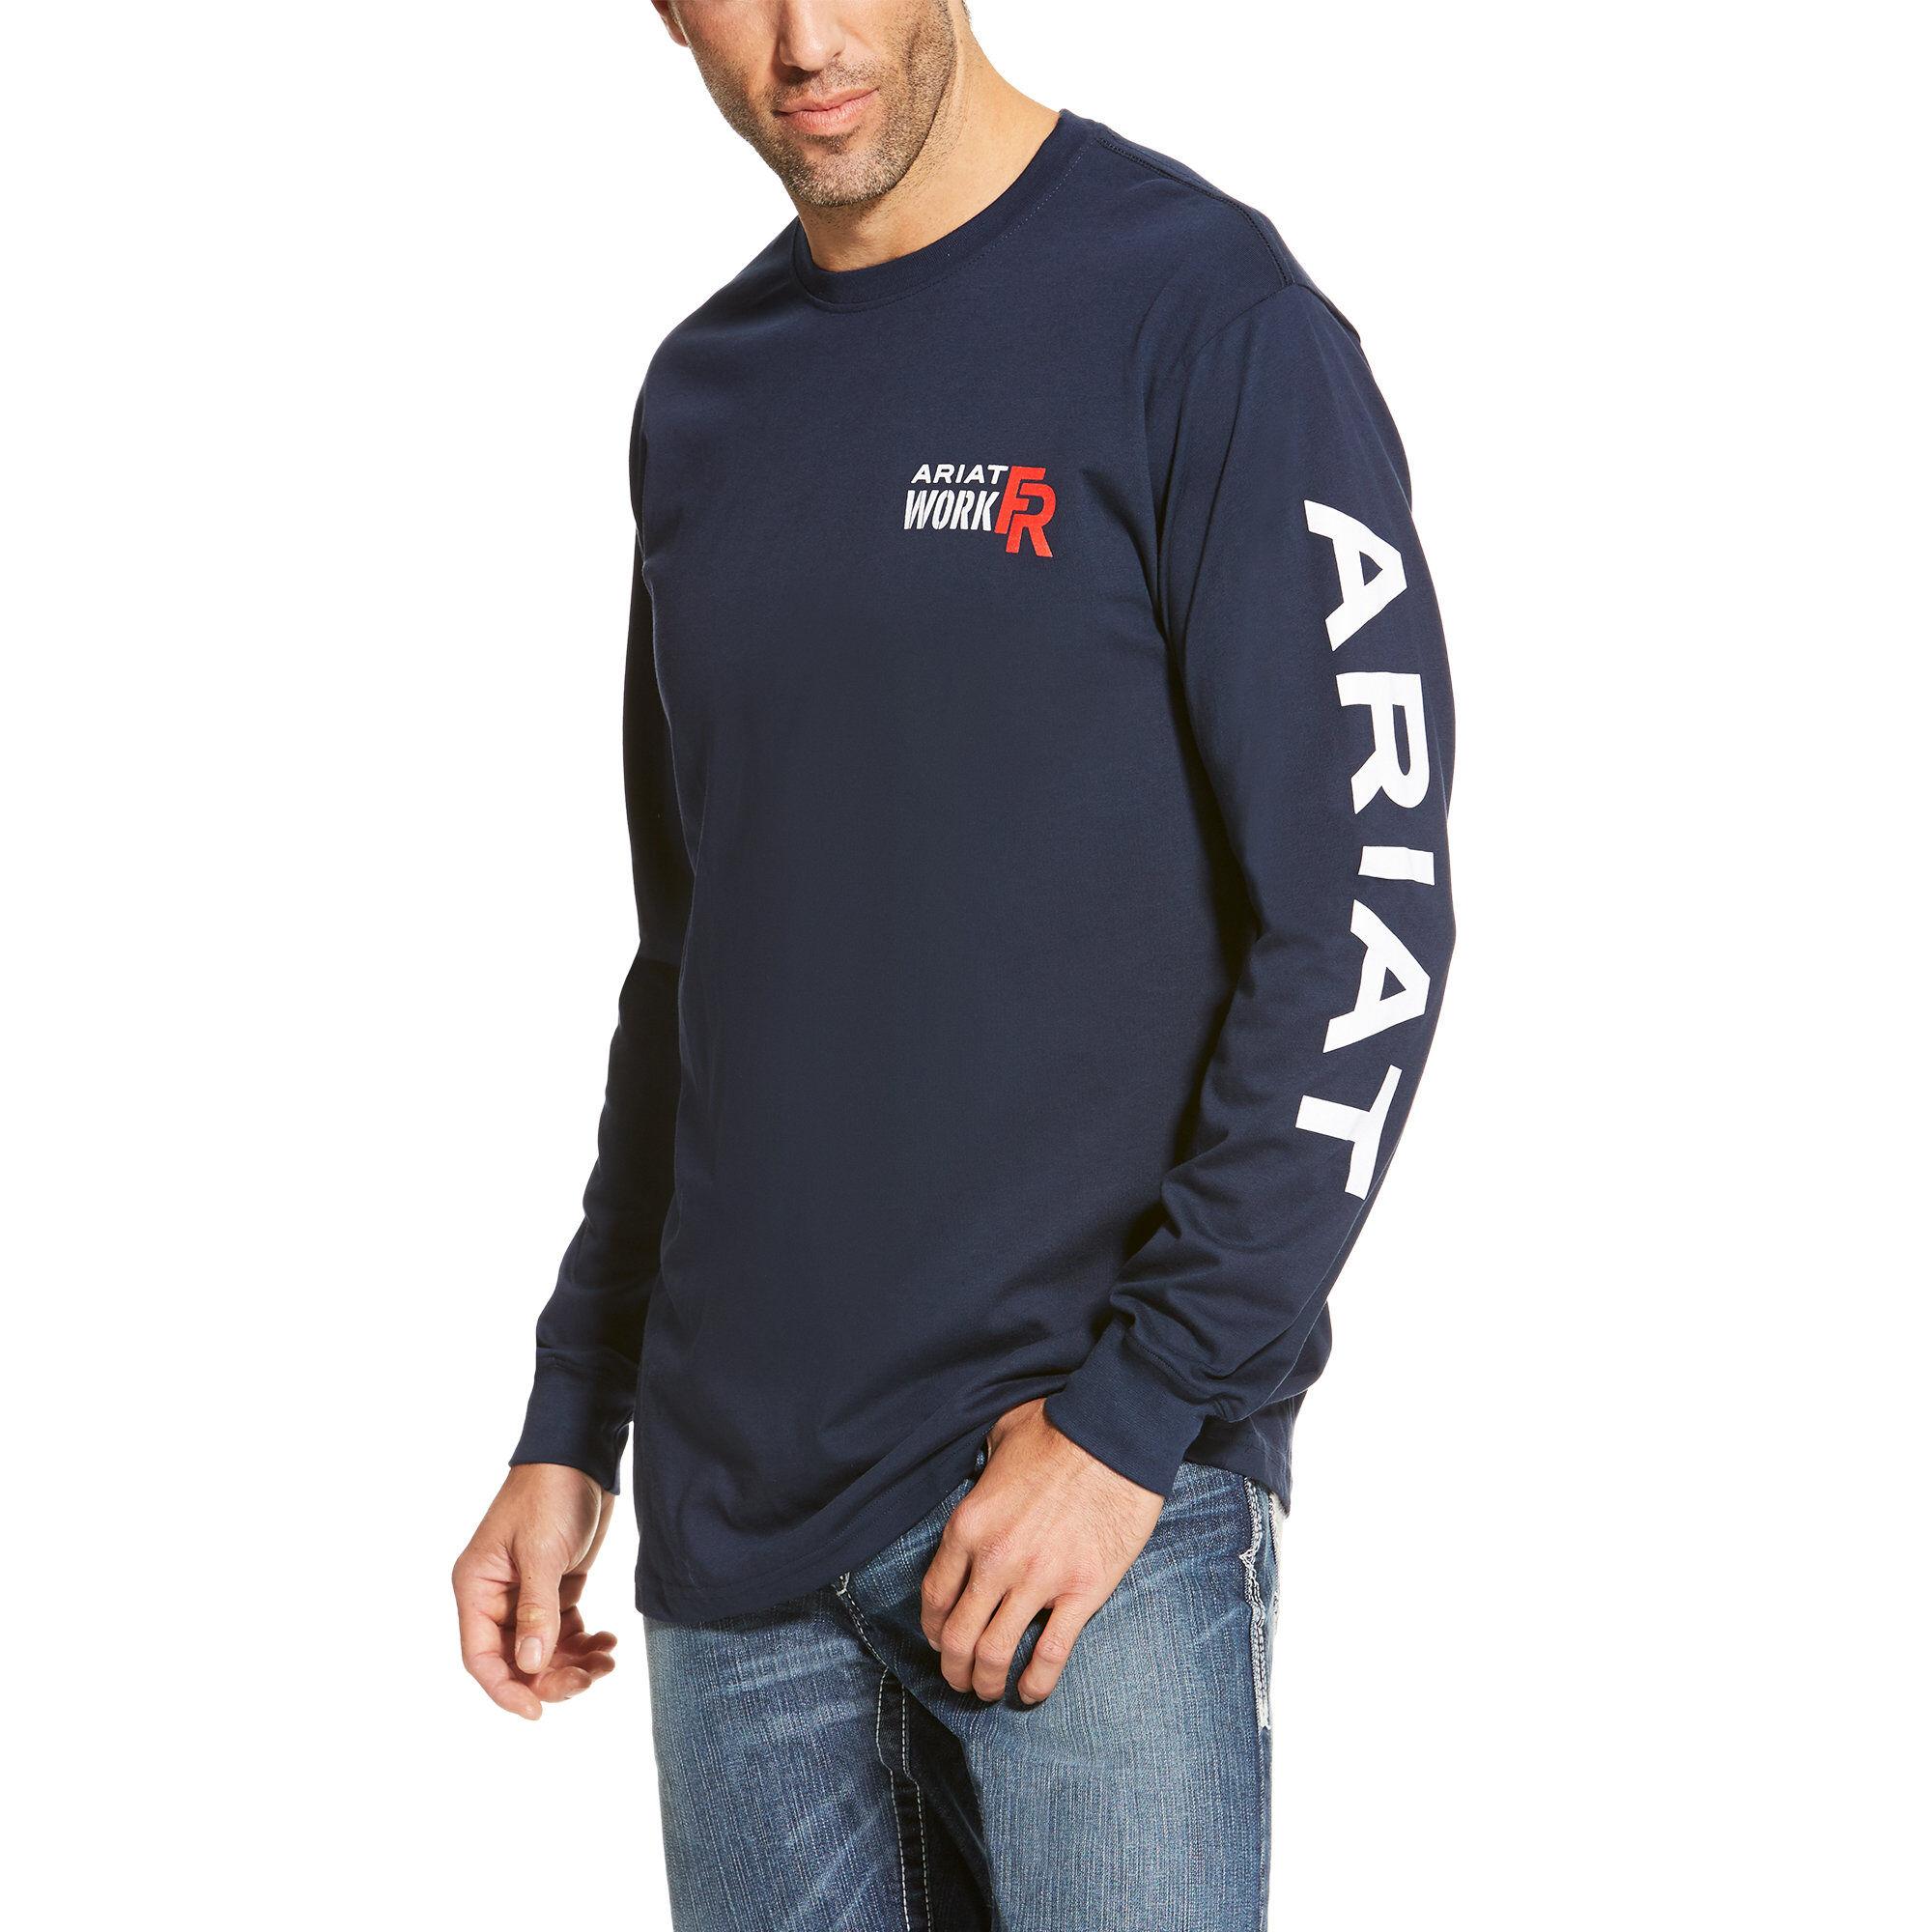 6db4c2b5340 FR Crew Logo T-Shirt ariat fr shirts near me